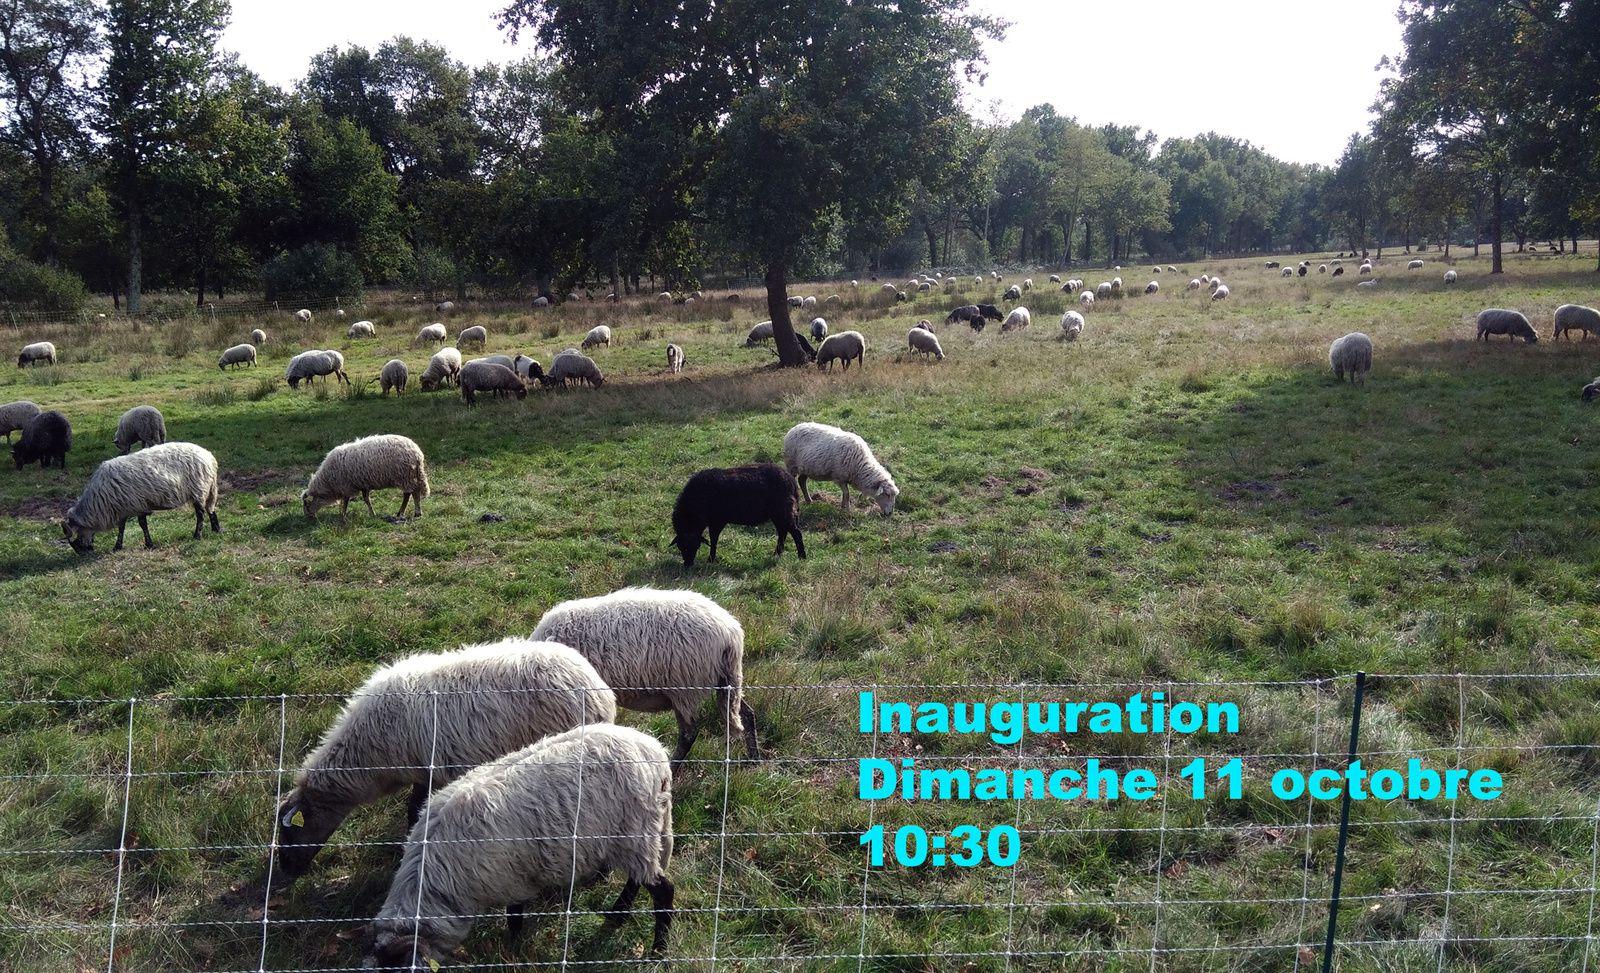 Inauguration Dimanche 11 octobre - 10:30